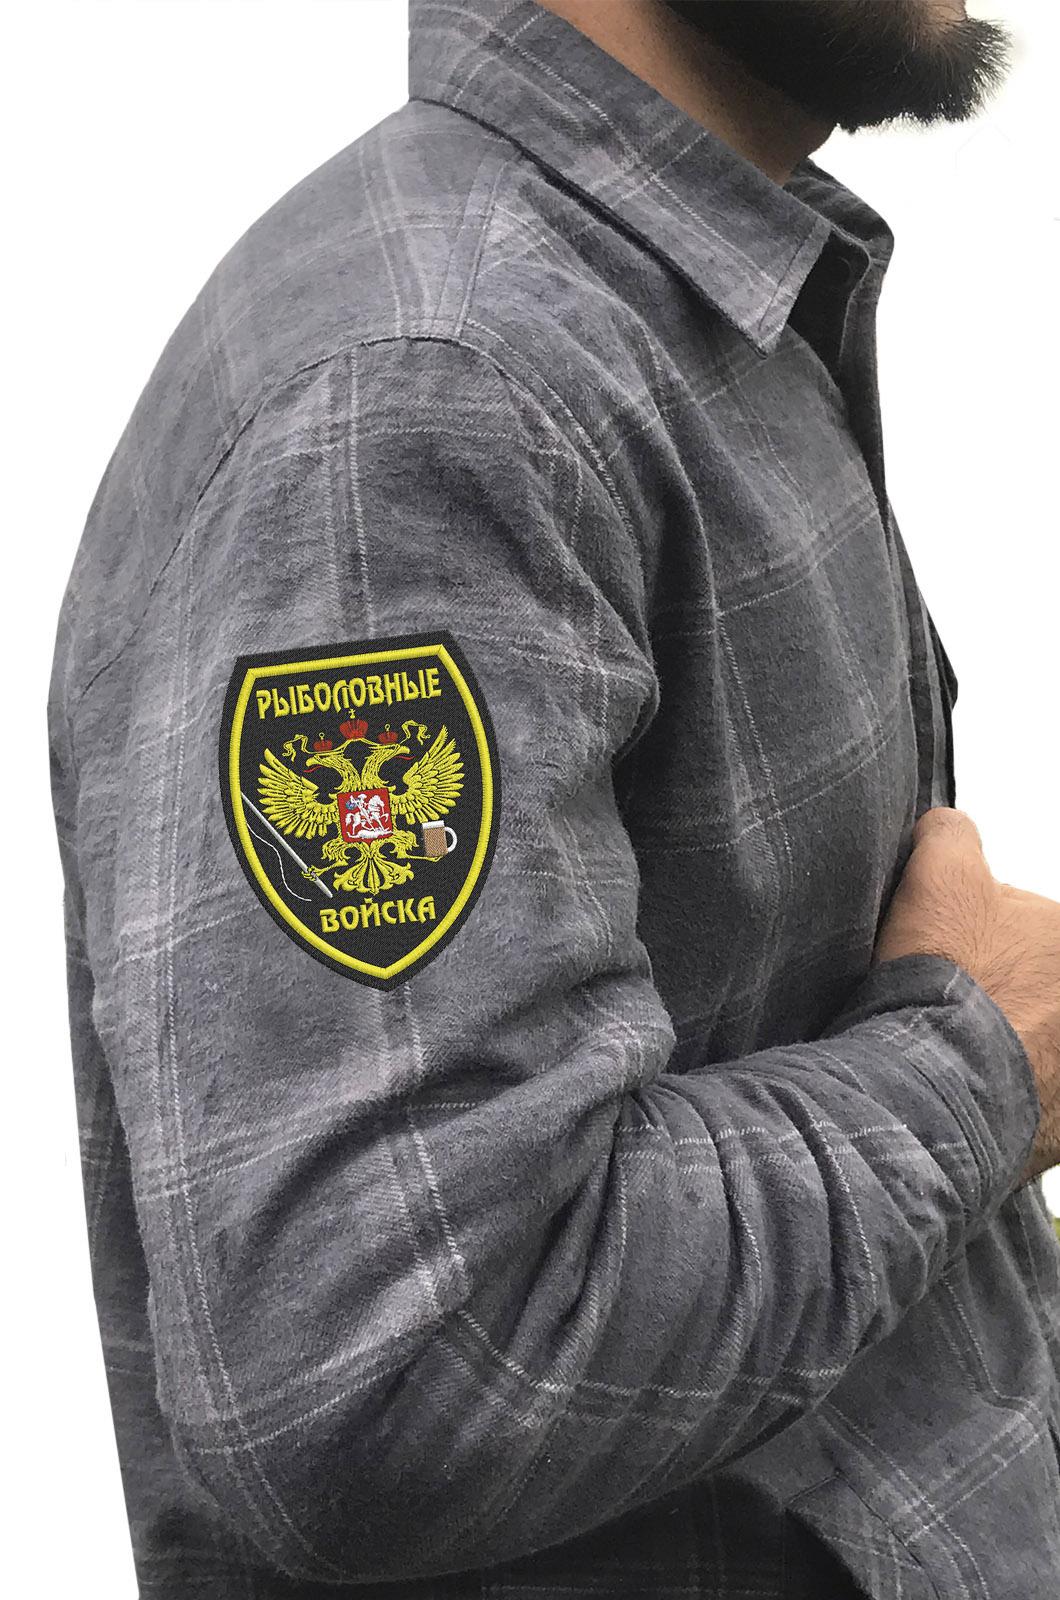 Серая рубашка с вышитым шевроном Рыболовные Войска - купить онлайн